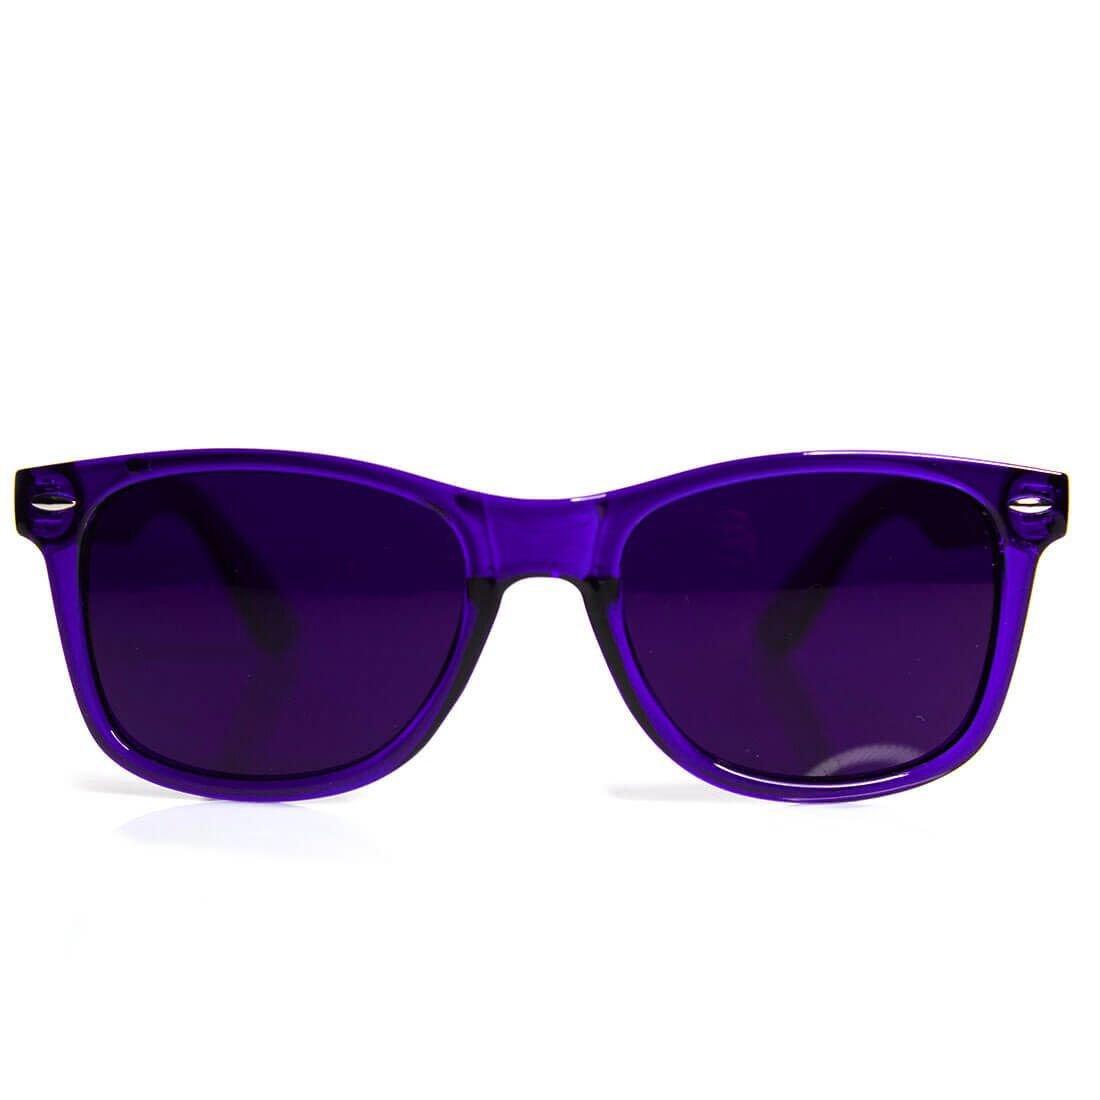 e28217356c Galleon - GloFX Indigo Color Therapy Glasses Chakra Glasses Relax Glasses